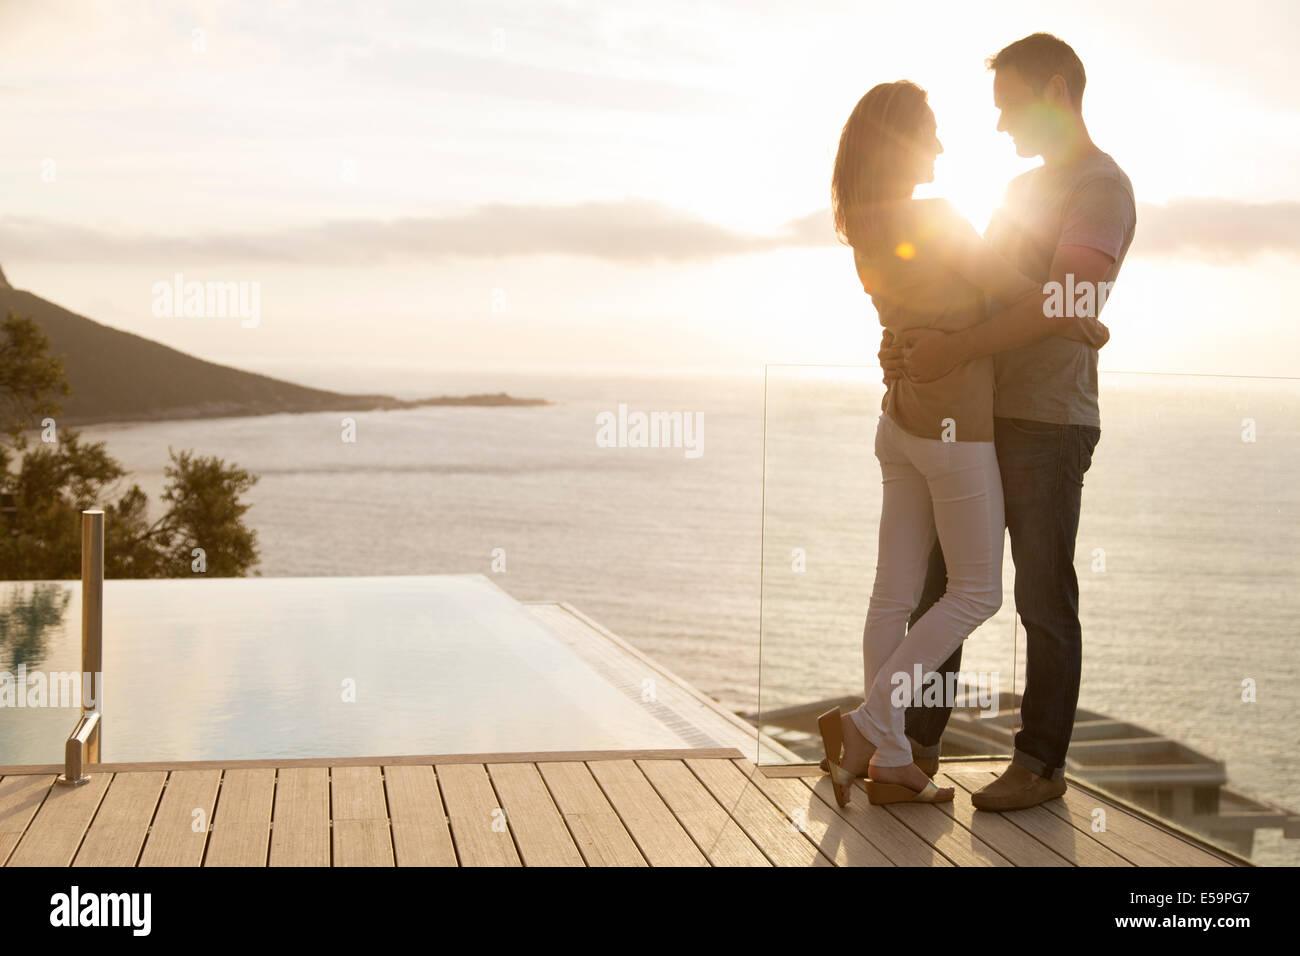 Pareja en la terraza de madera con vistas a Ocean Imagen De Stock